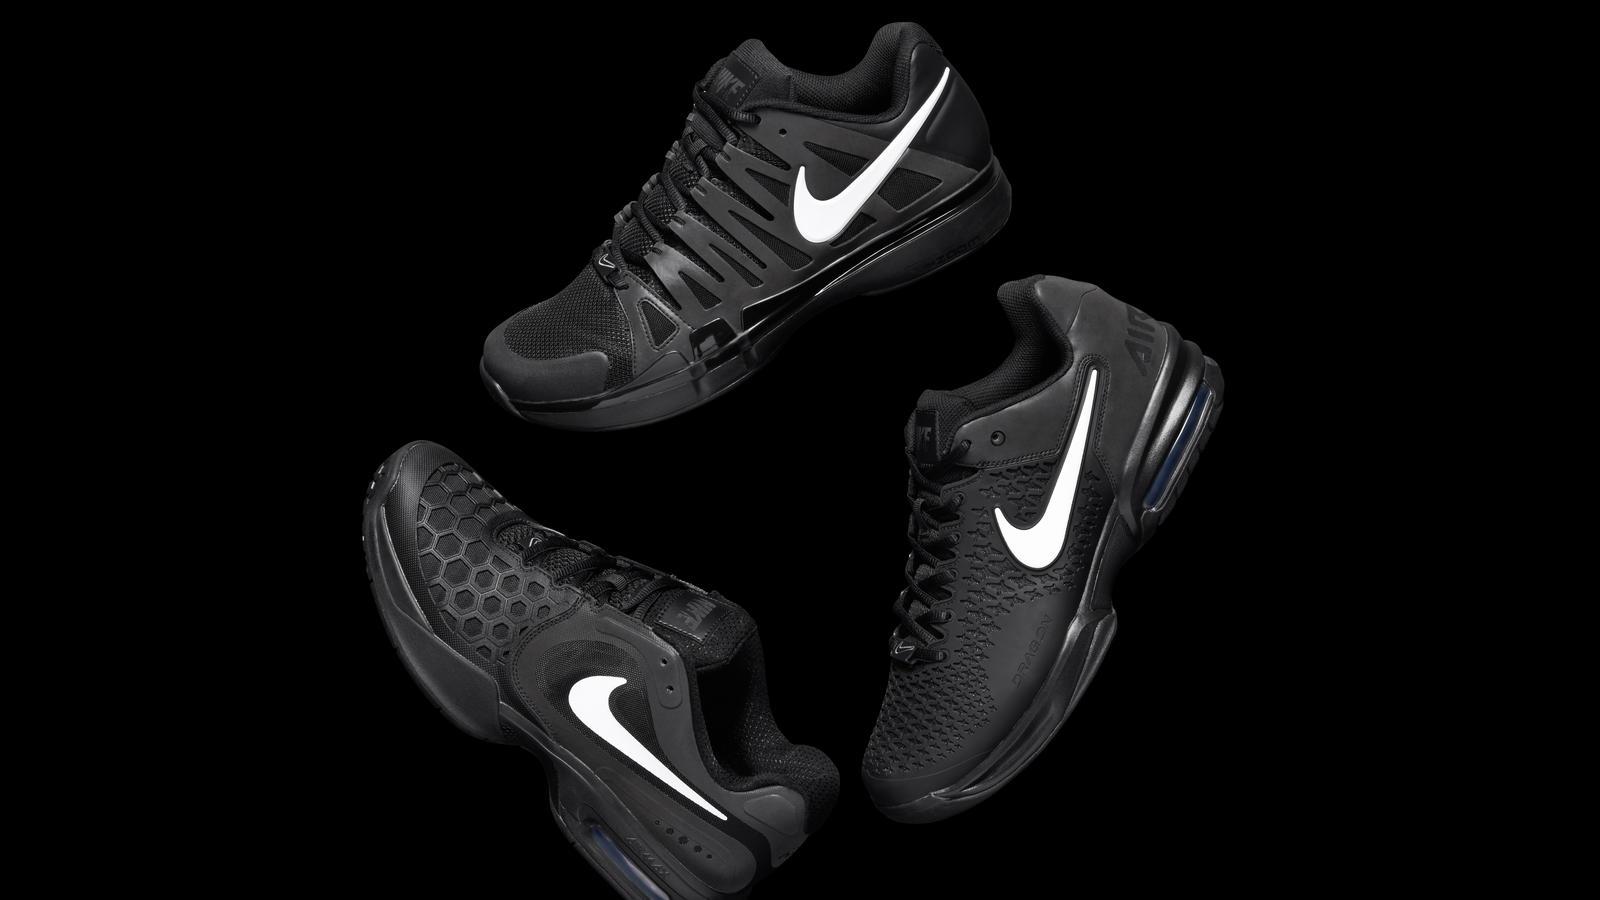 Nike Tennis Vapor Flash Shoe Group (without flash)